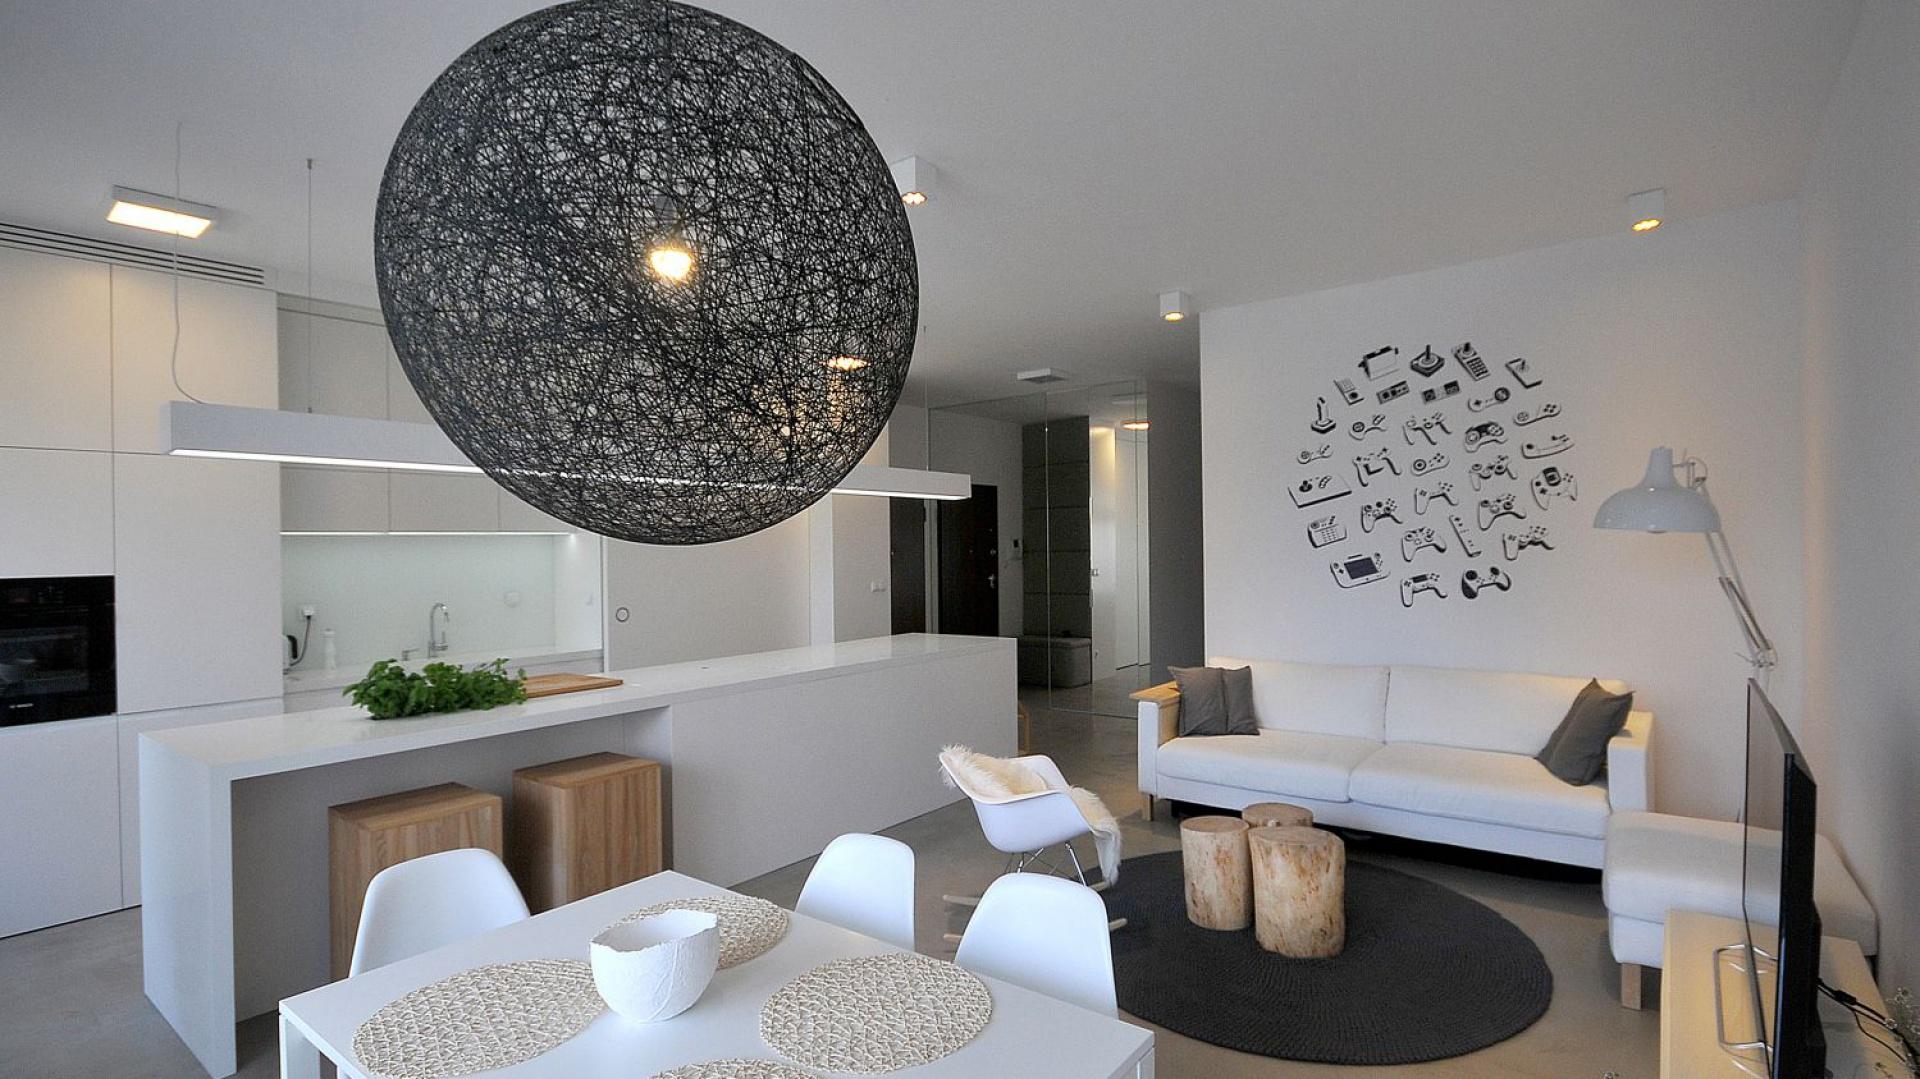 Jasną przestrzeń dodatkowo rozświetla punktowe oświetlenie przy suficie oraz lampa Moooi Random nad stołem, która jest tu głównym elementem wystroju, czarnym słońcem białego wnętrza. Projekt: TK Architekci. Fot. Wojciech Szwej, Jose Teixeira.